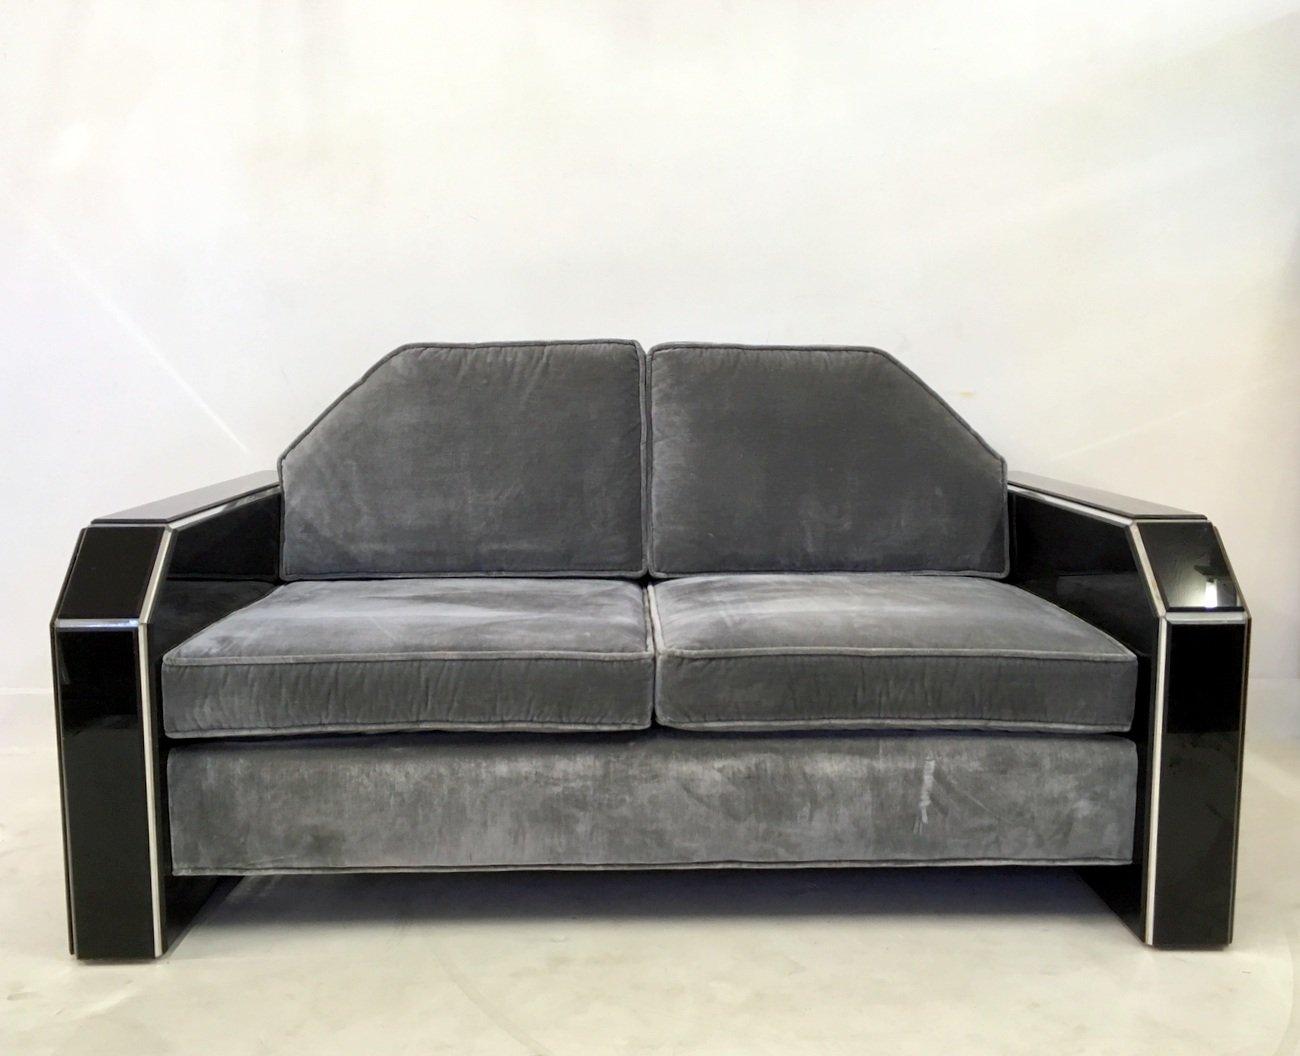 Amerikanisches Vintage Plexiglas Samt Sofa Und Couchtisch Bei Pamono Kaufen